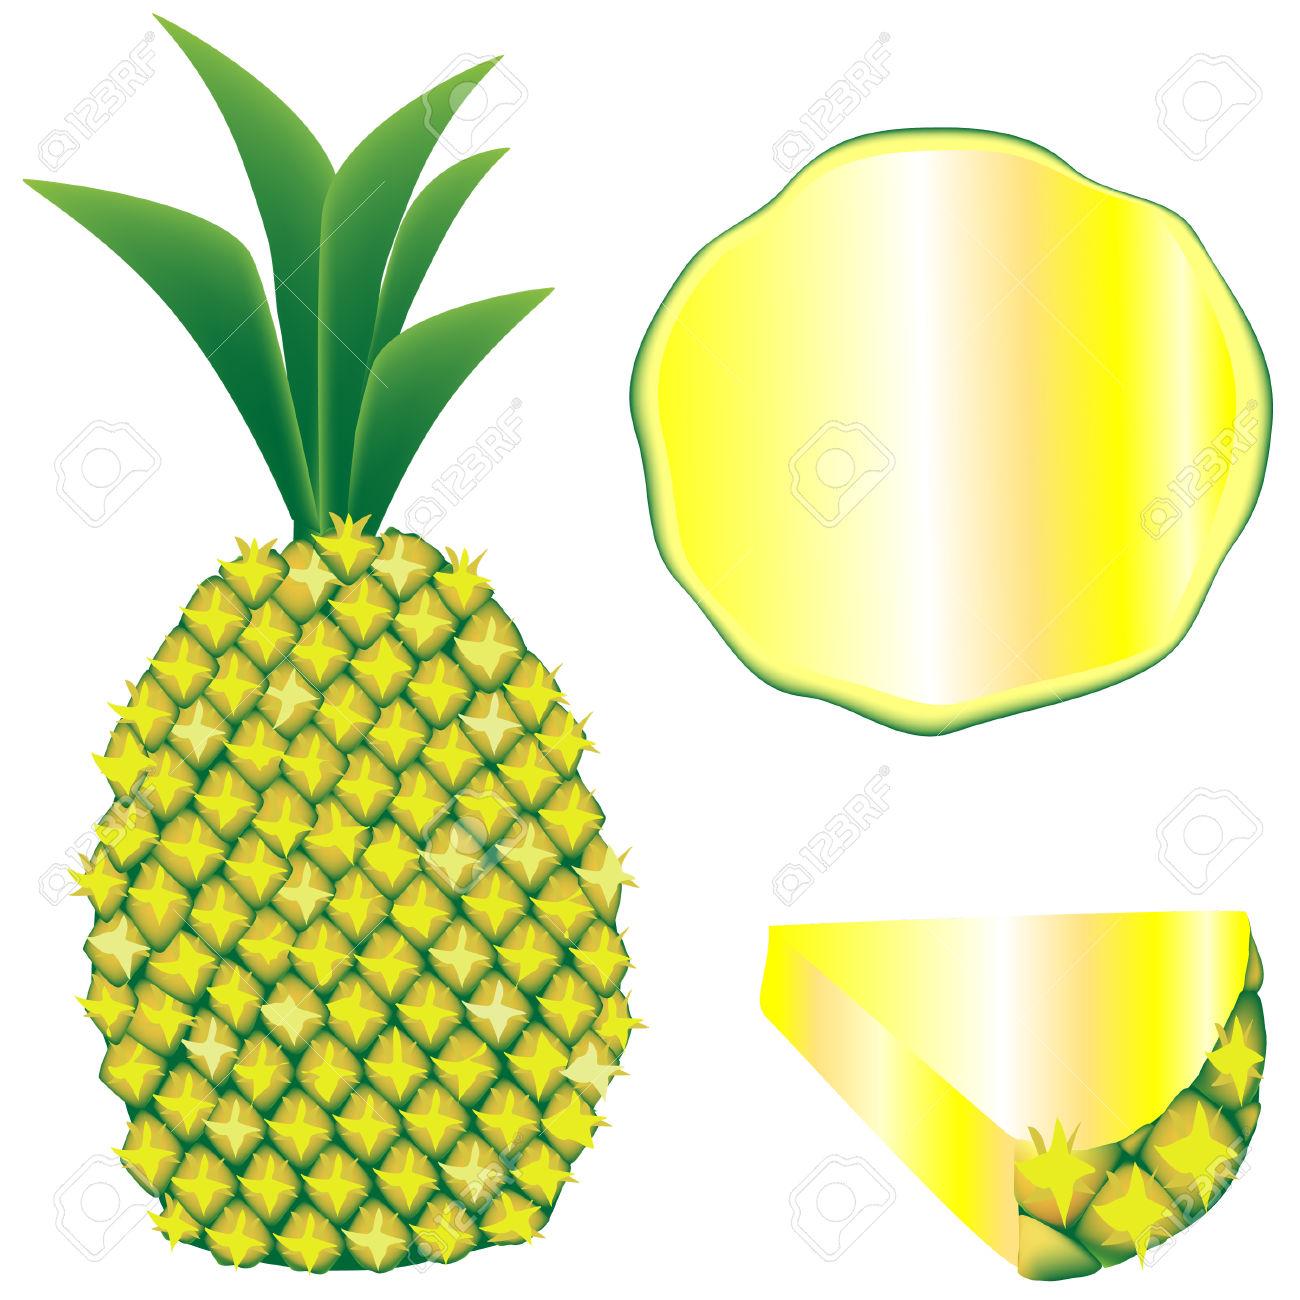 Textured Illustrazione Vettoriale Di Un Intero Ananas, Fetta, E.